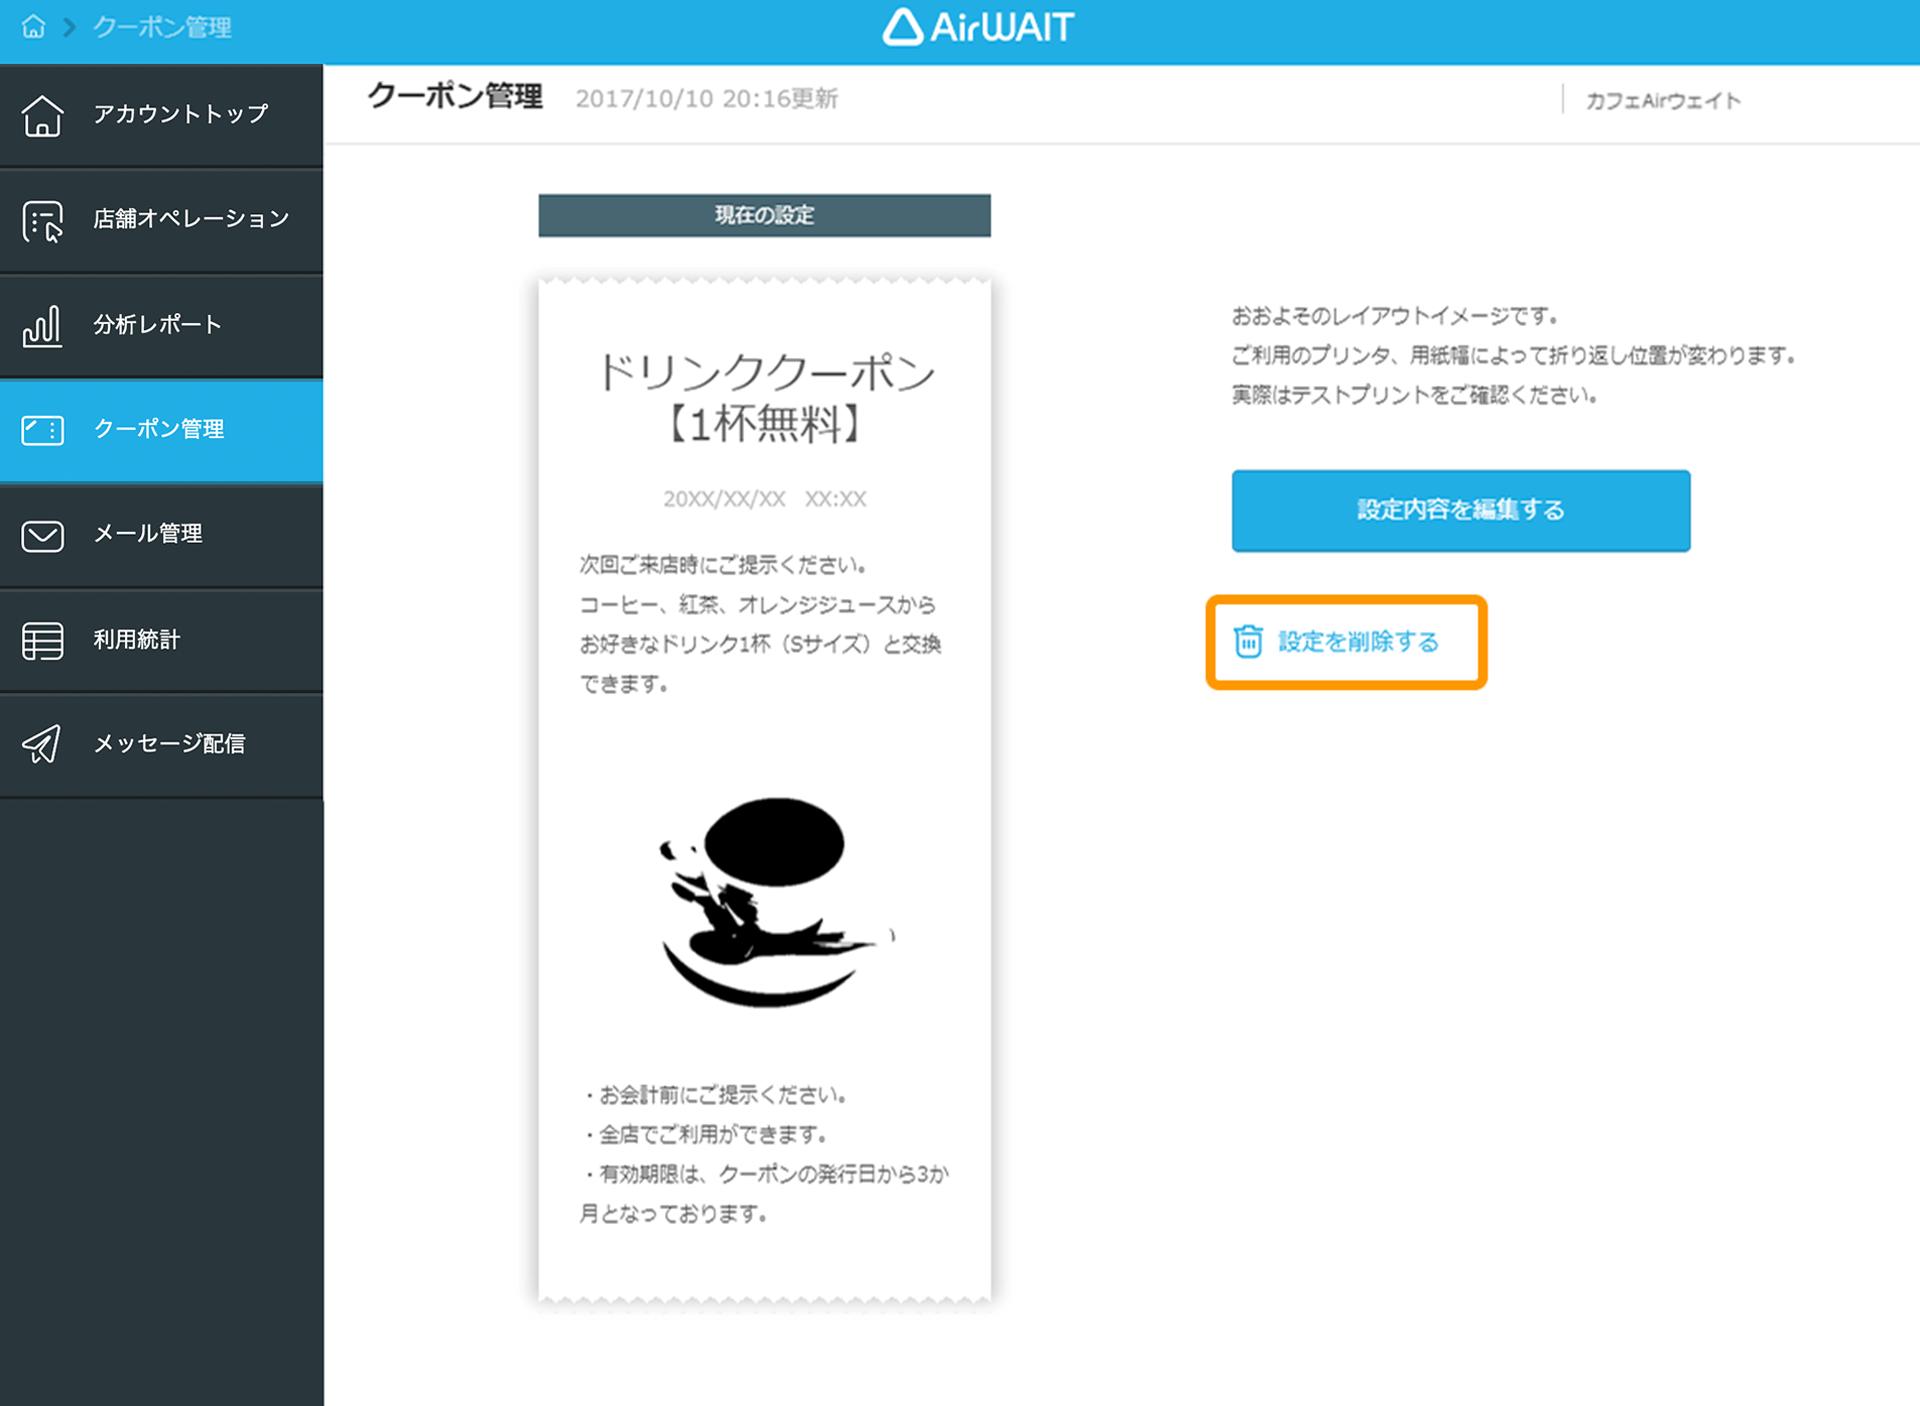 Airウェイト 店舗アカウントページ クーポン管理画面 設定を削除する